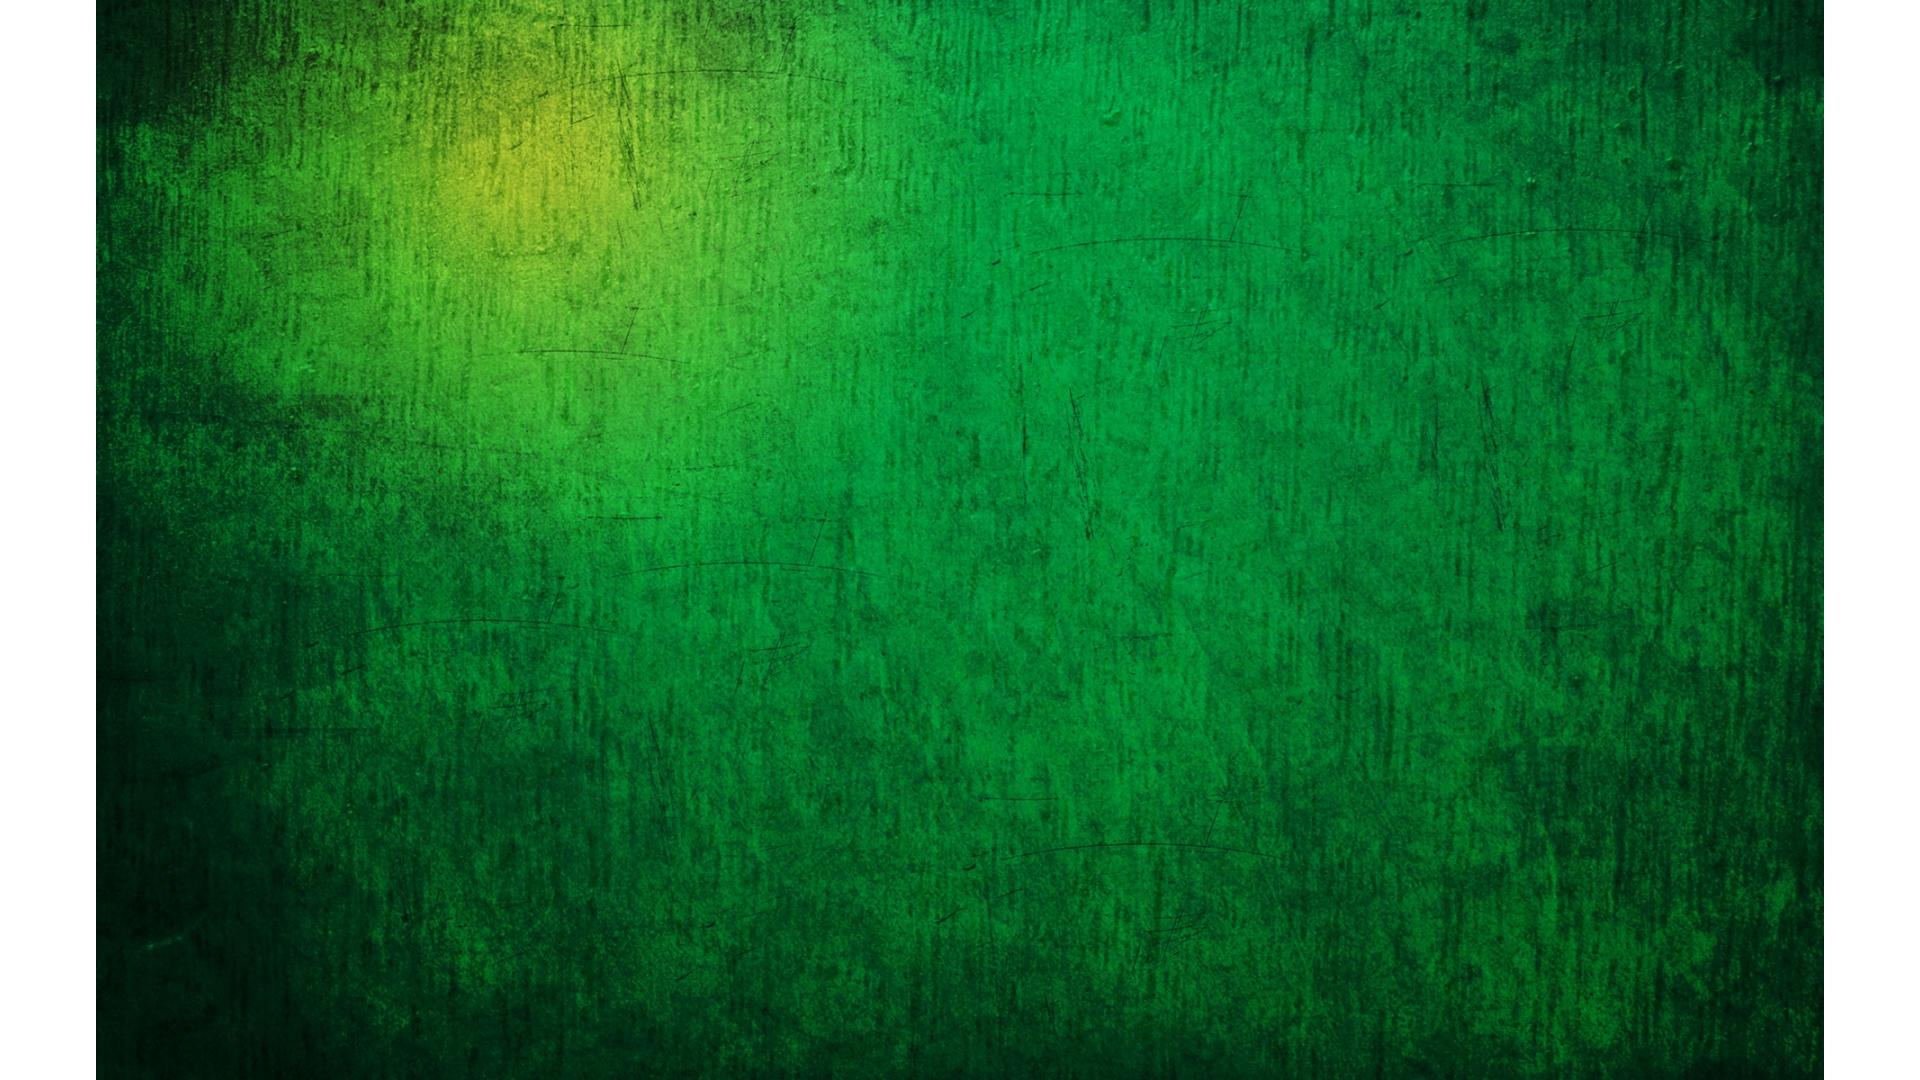 Wallpaper Green Grunge Background   1920x1080   843788 1920x1080